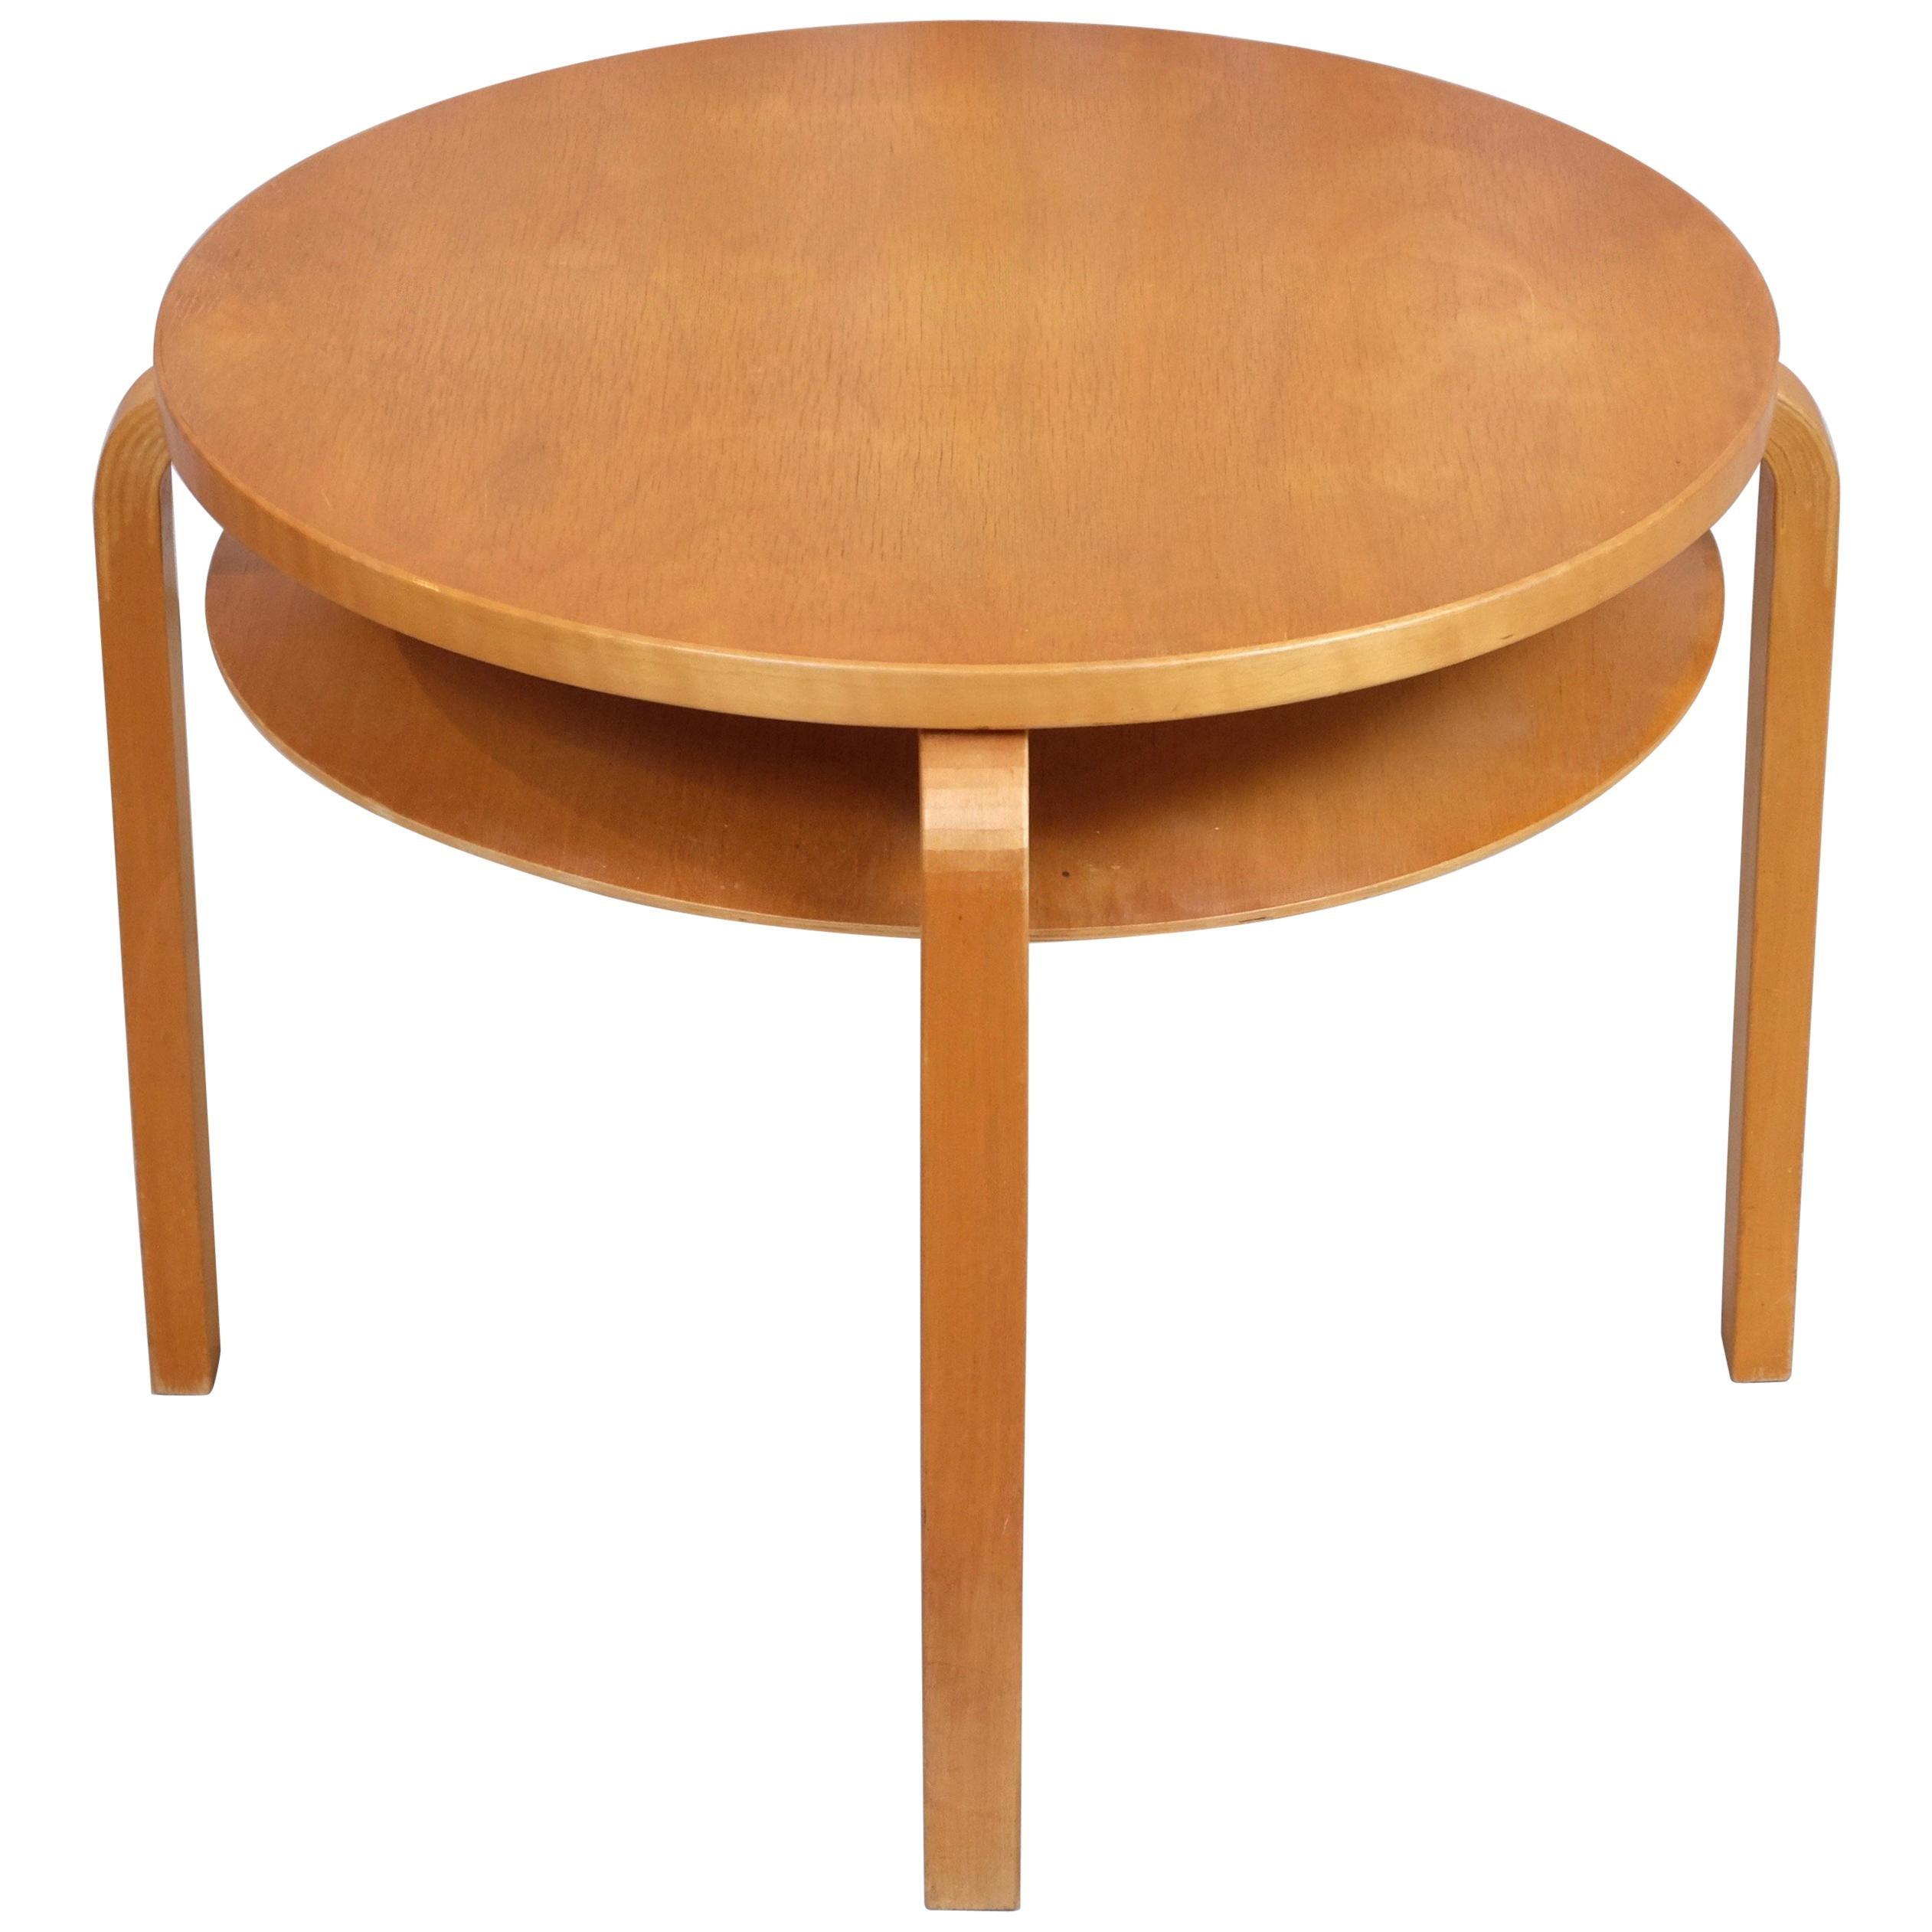 Rare Alvar Aalto Table 907 Produced by Artek, 1940s